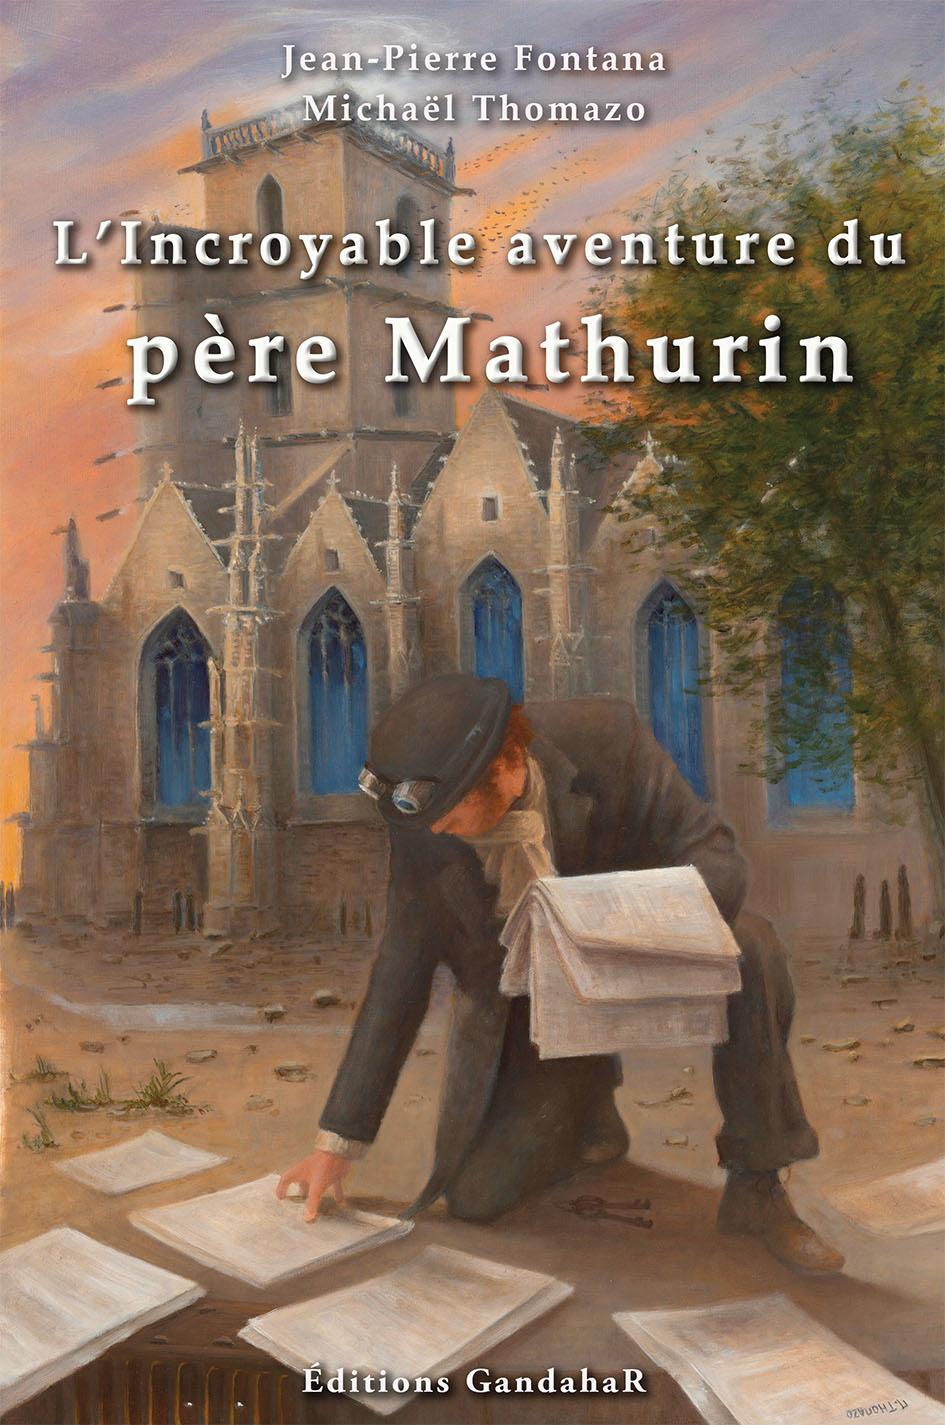 L'Incroyable aventure du père Mathurin